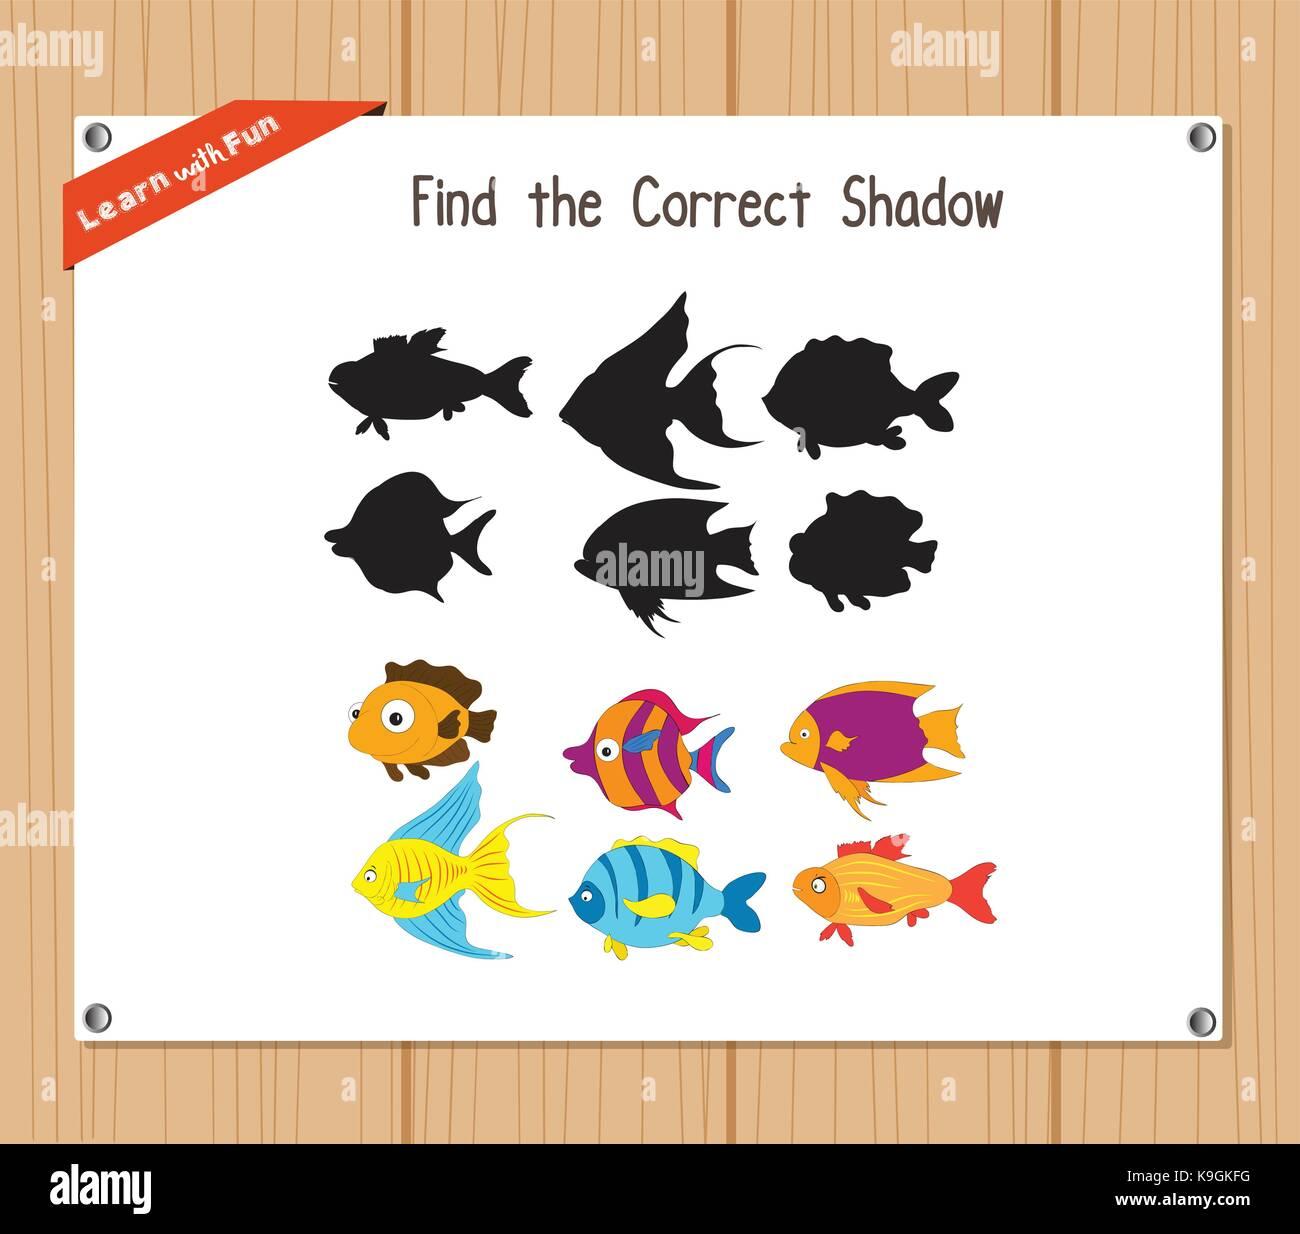 Finden Sie die richtigen Schatten, Bildung Spiel für Kinder - Fisch ...